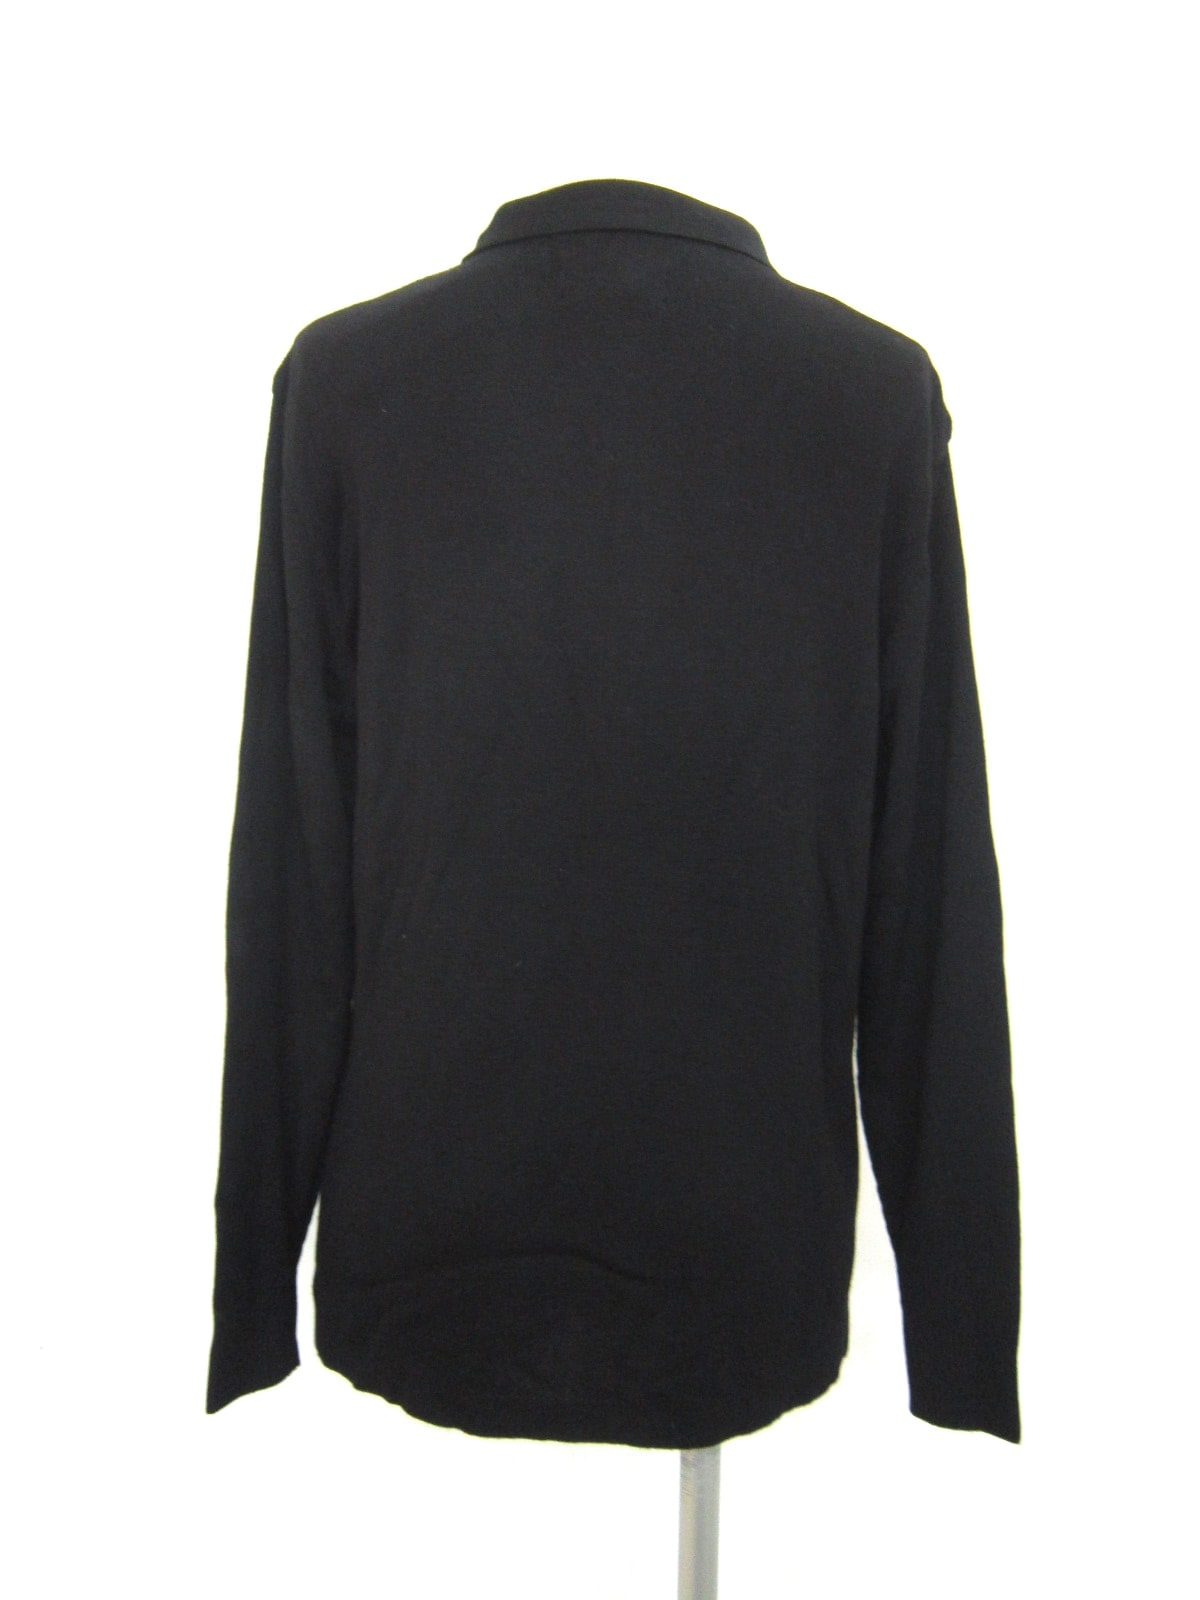 VALENZA SPORTS(バレンザスポーツ)のセーター